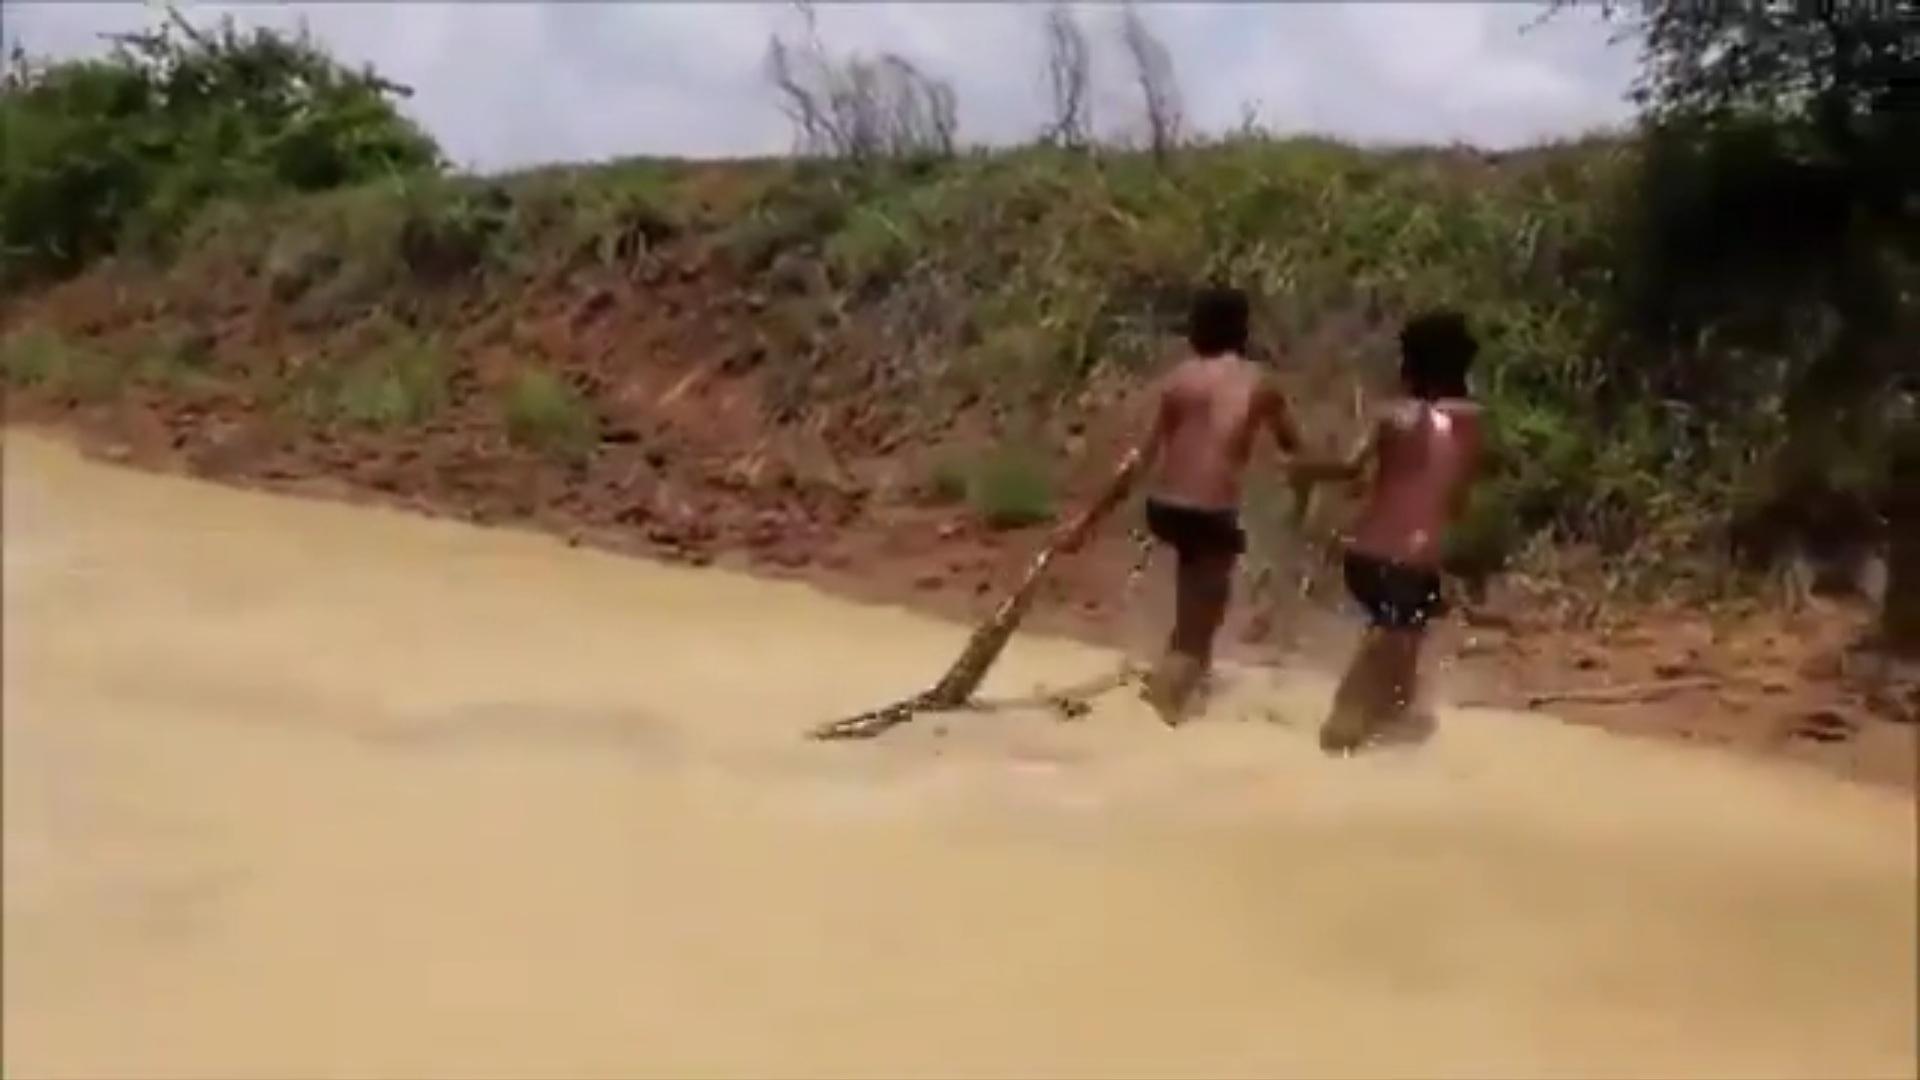 """Cậu bé dùng tay không bắt trăn """"khủng"""" dài 4m dưới sông - 1"""